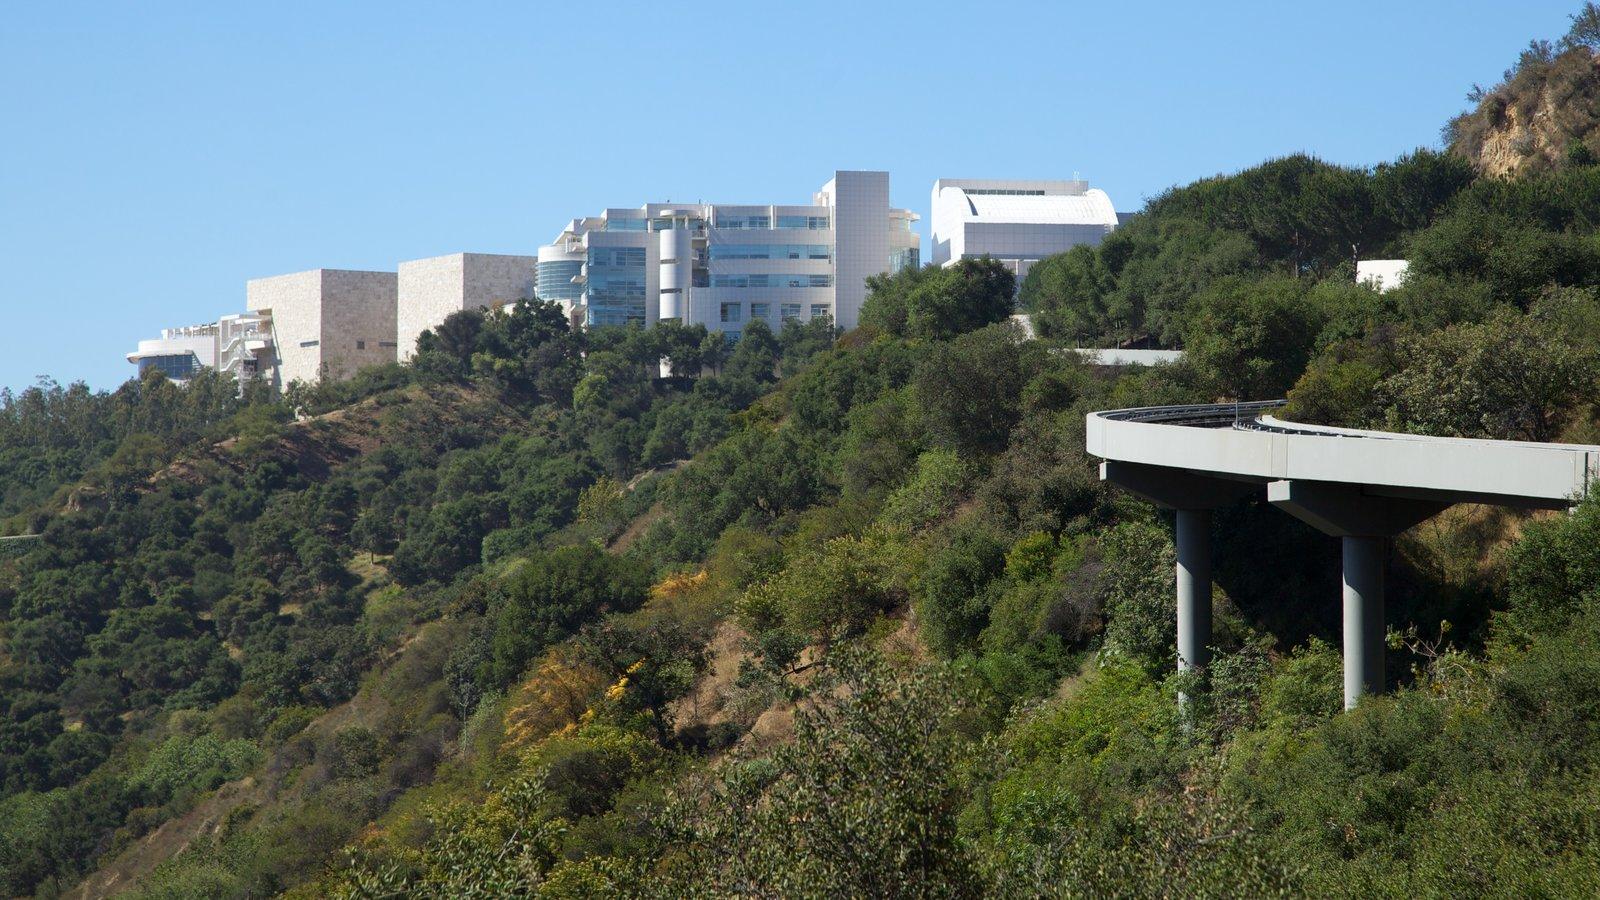 Centro Getty que incluye arquitectura moderna, un puente y una ciudad